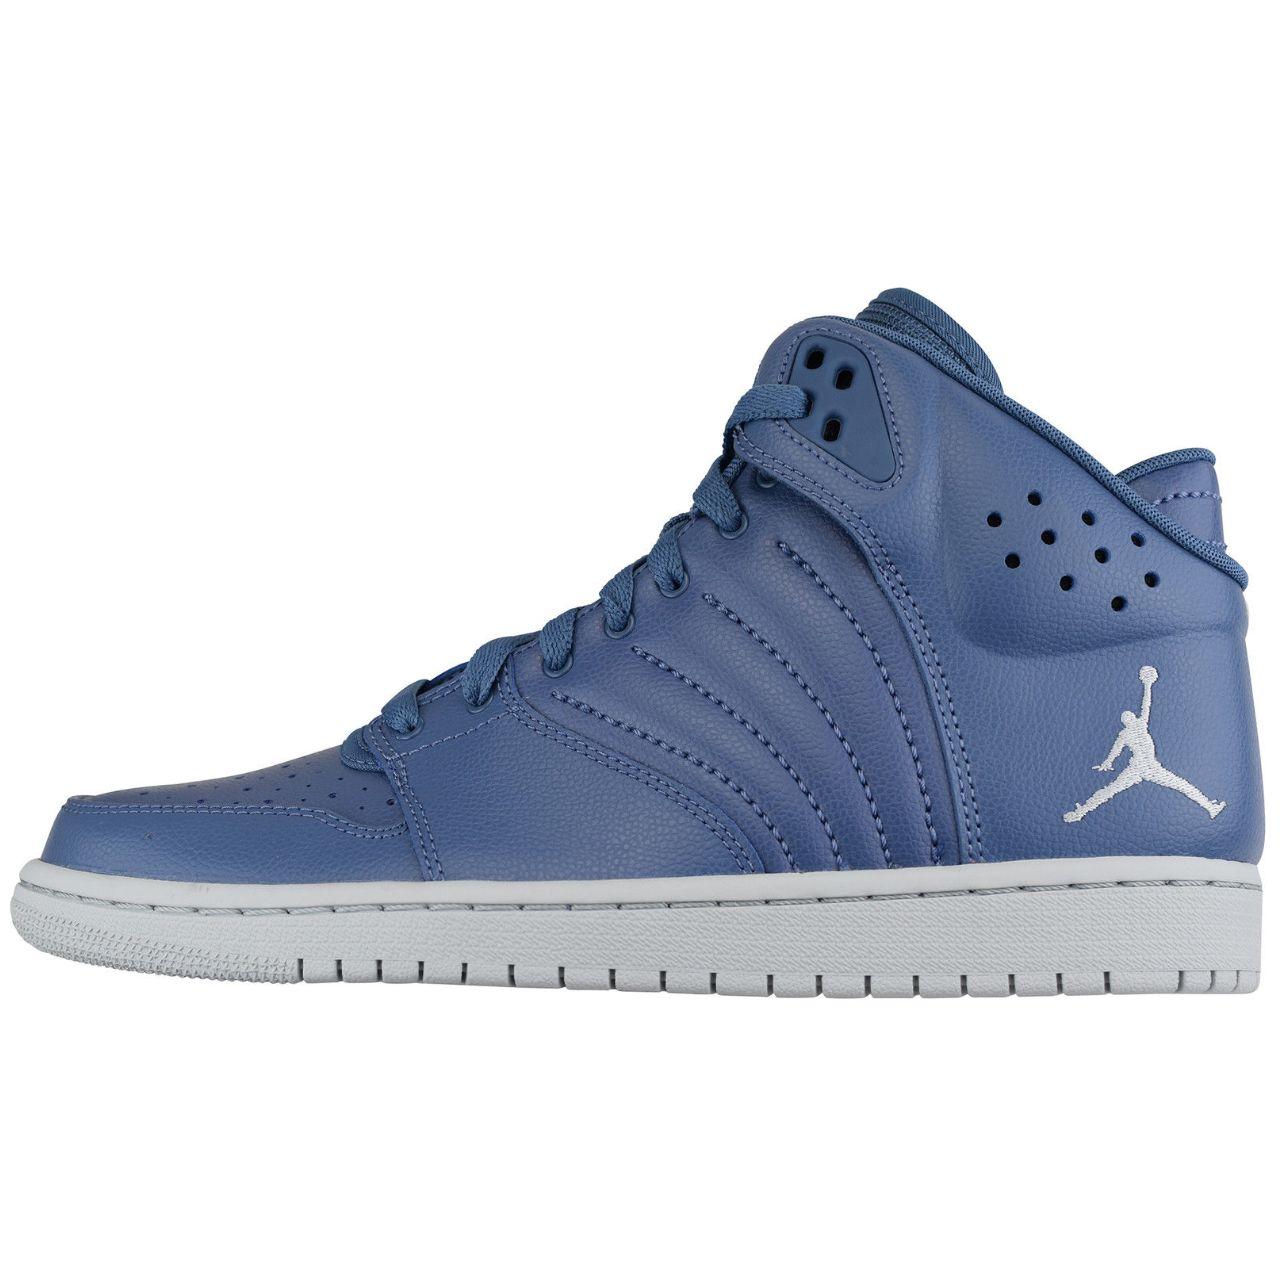 قیمت کفش بسکتبال مردانه جردن مدل Air Jordan 1